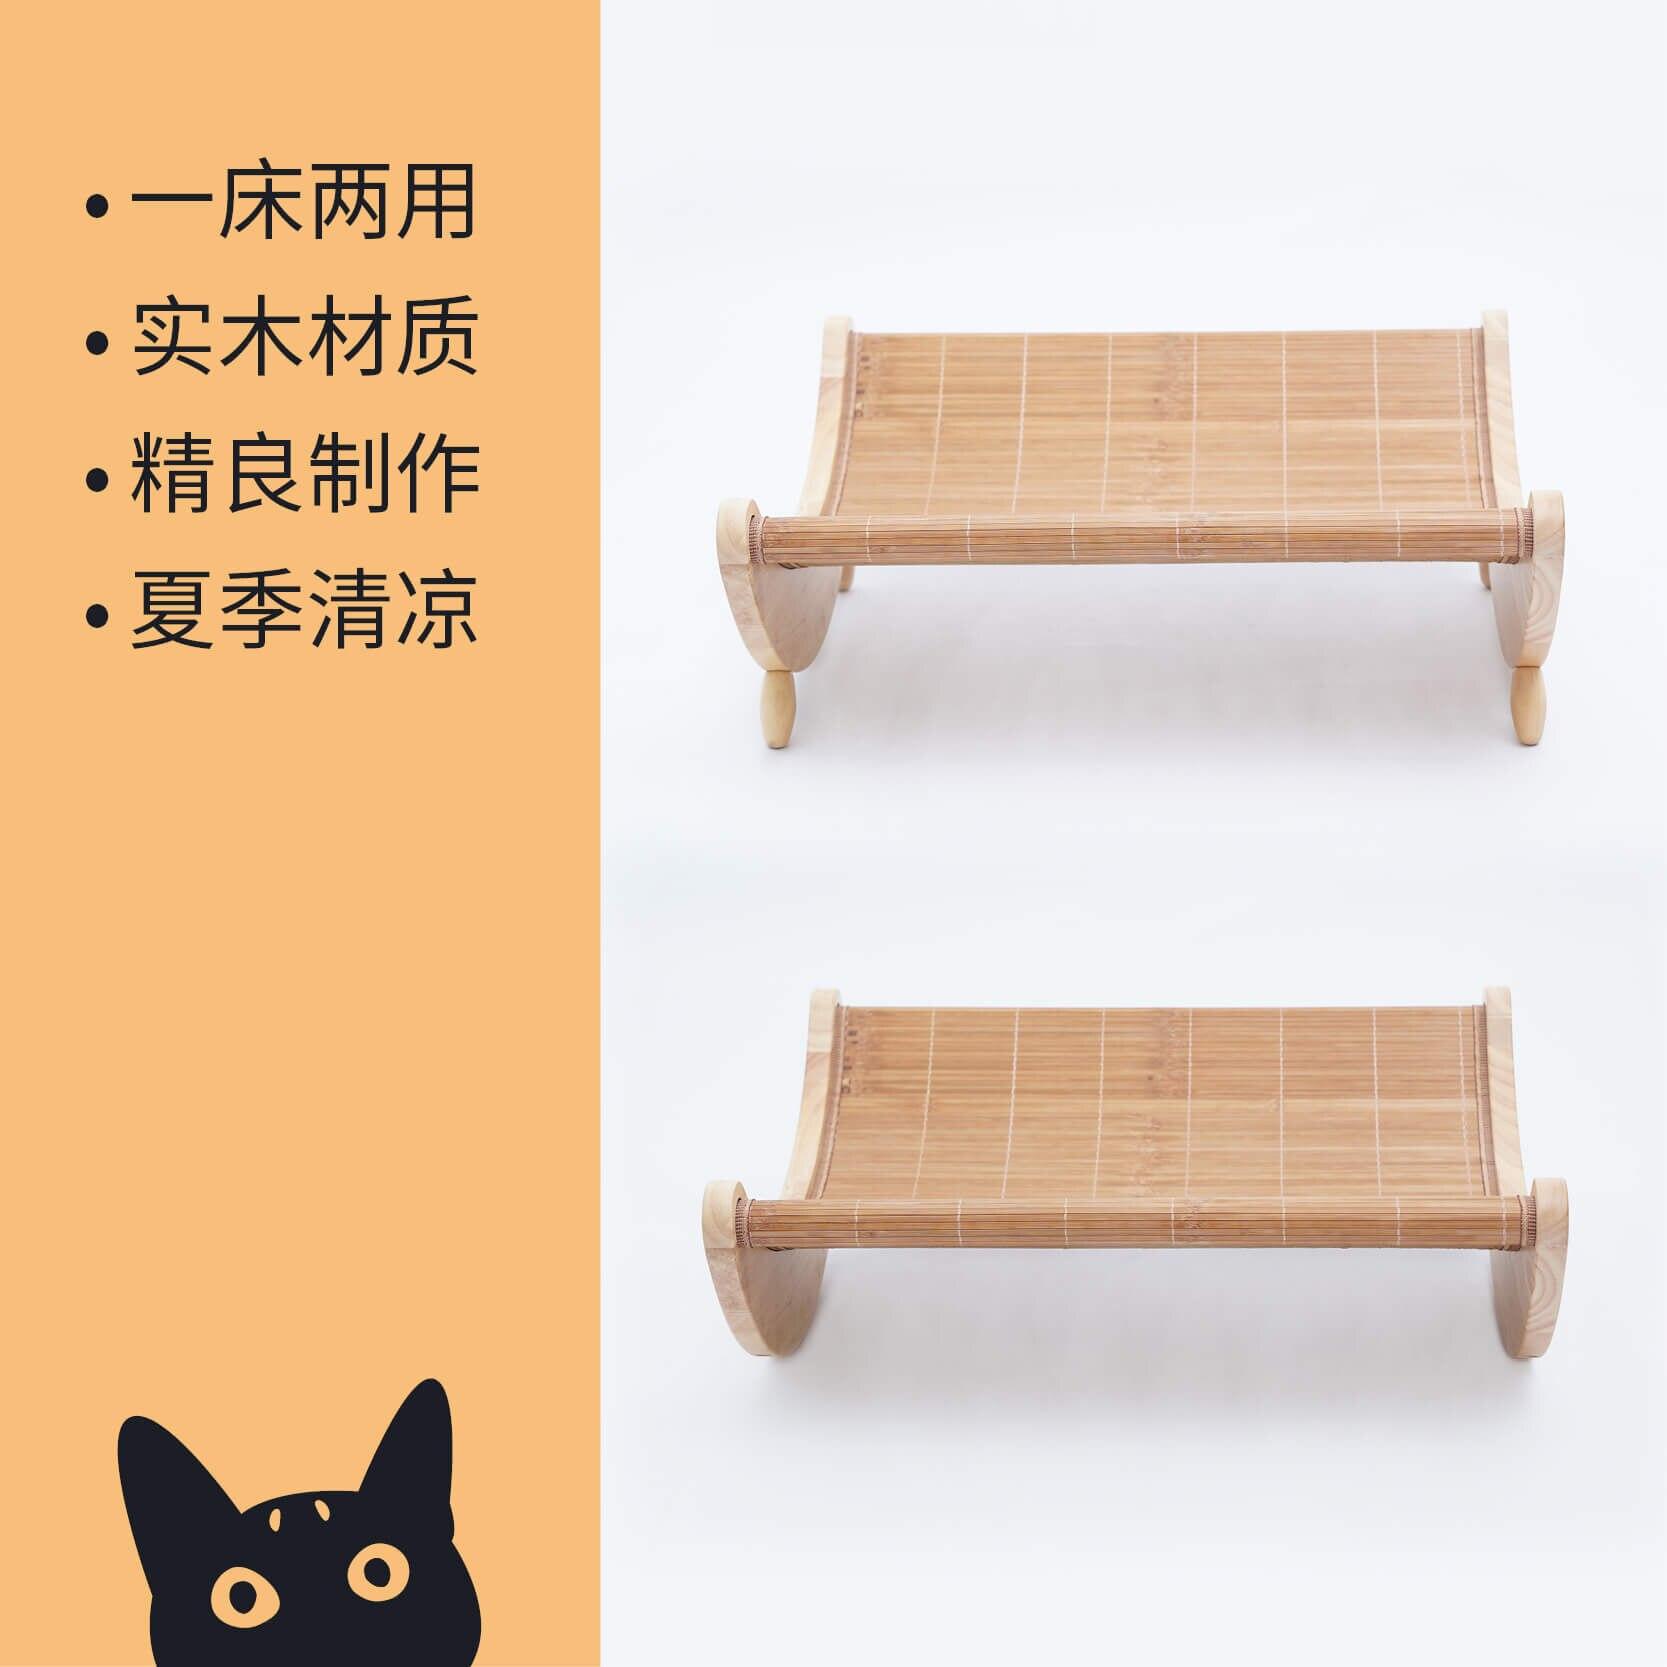 Katzenstreu sommer matte liege nest kühlen schaukel stuhl hängematte pet bett katze liefert - 3